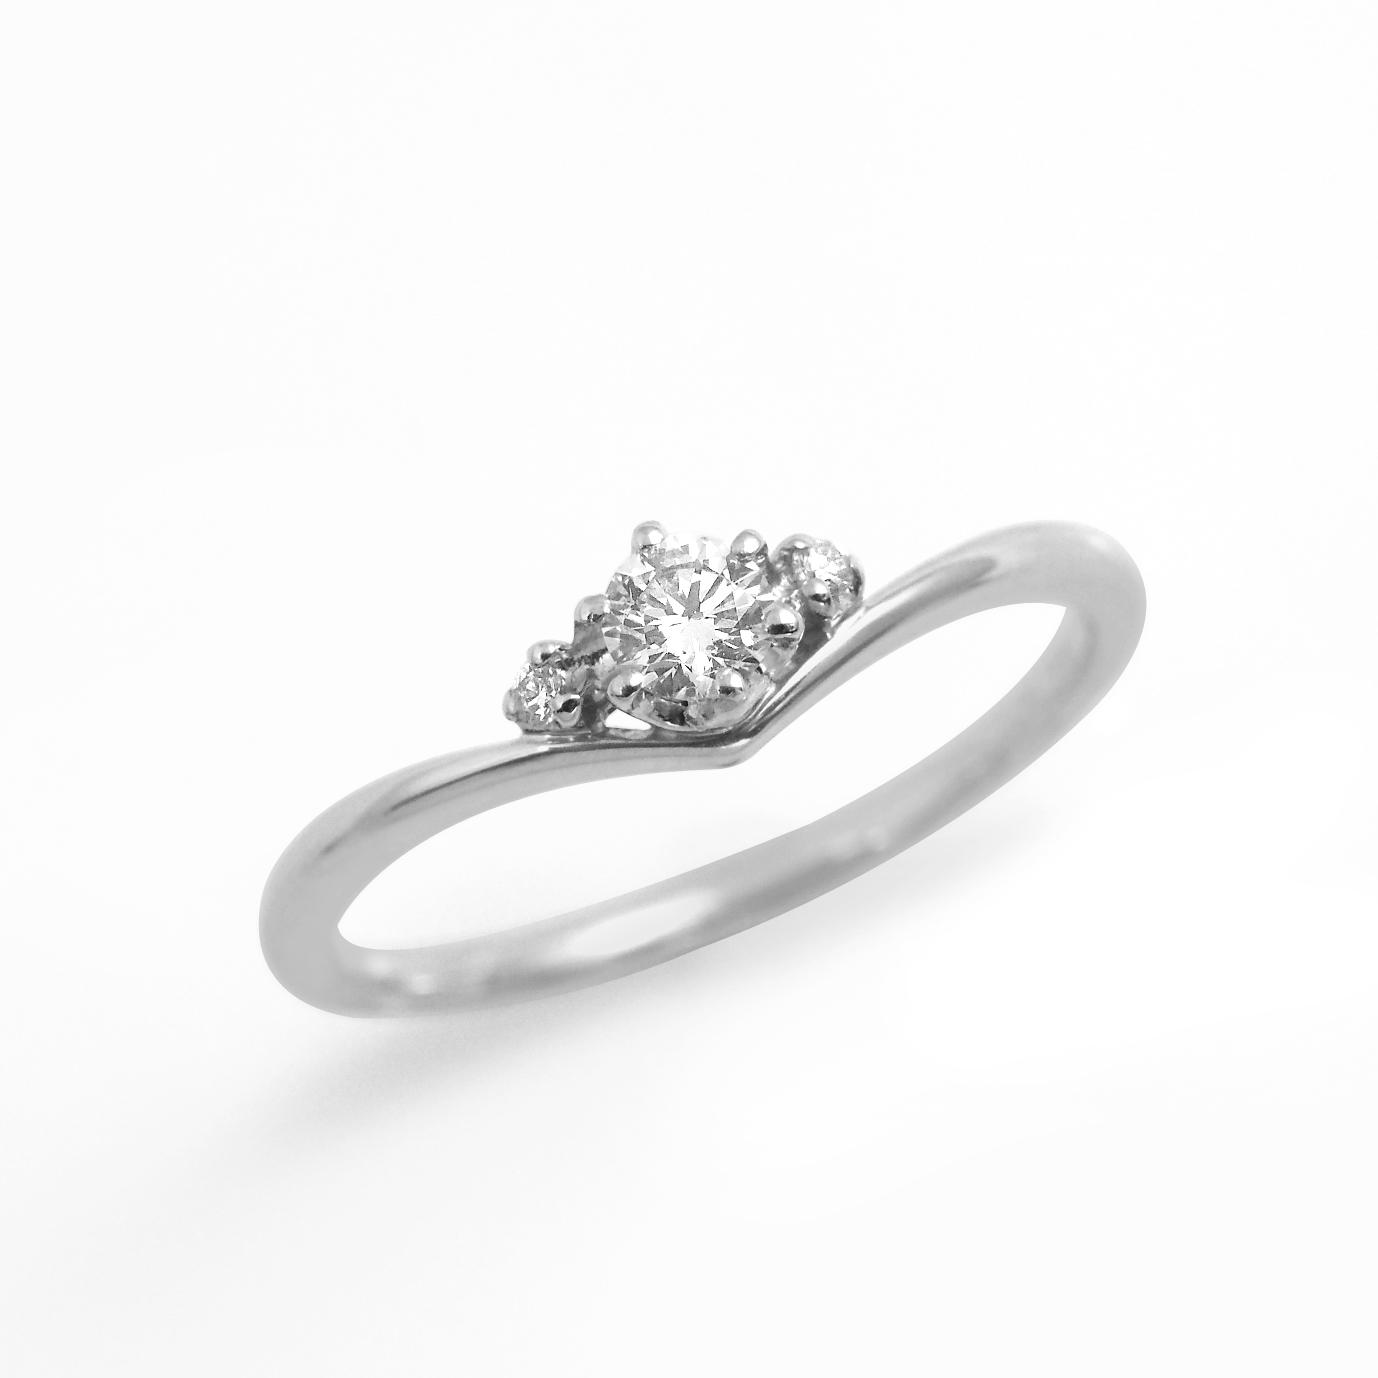 シンプル,フェミニン 婚約指輪のLP03290